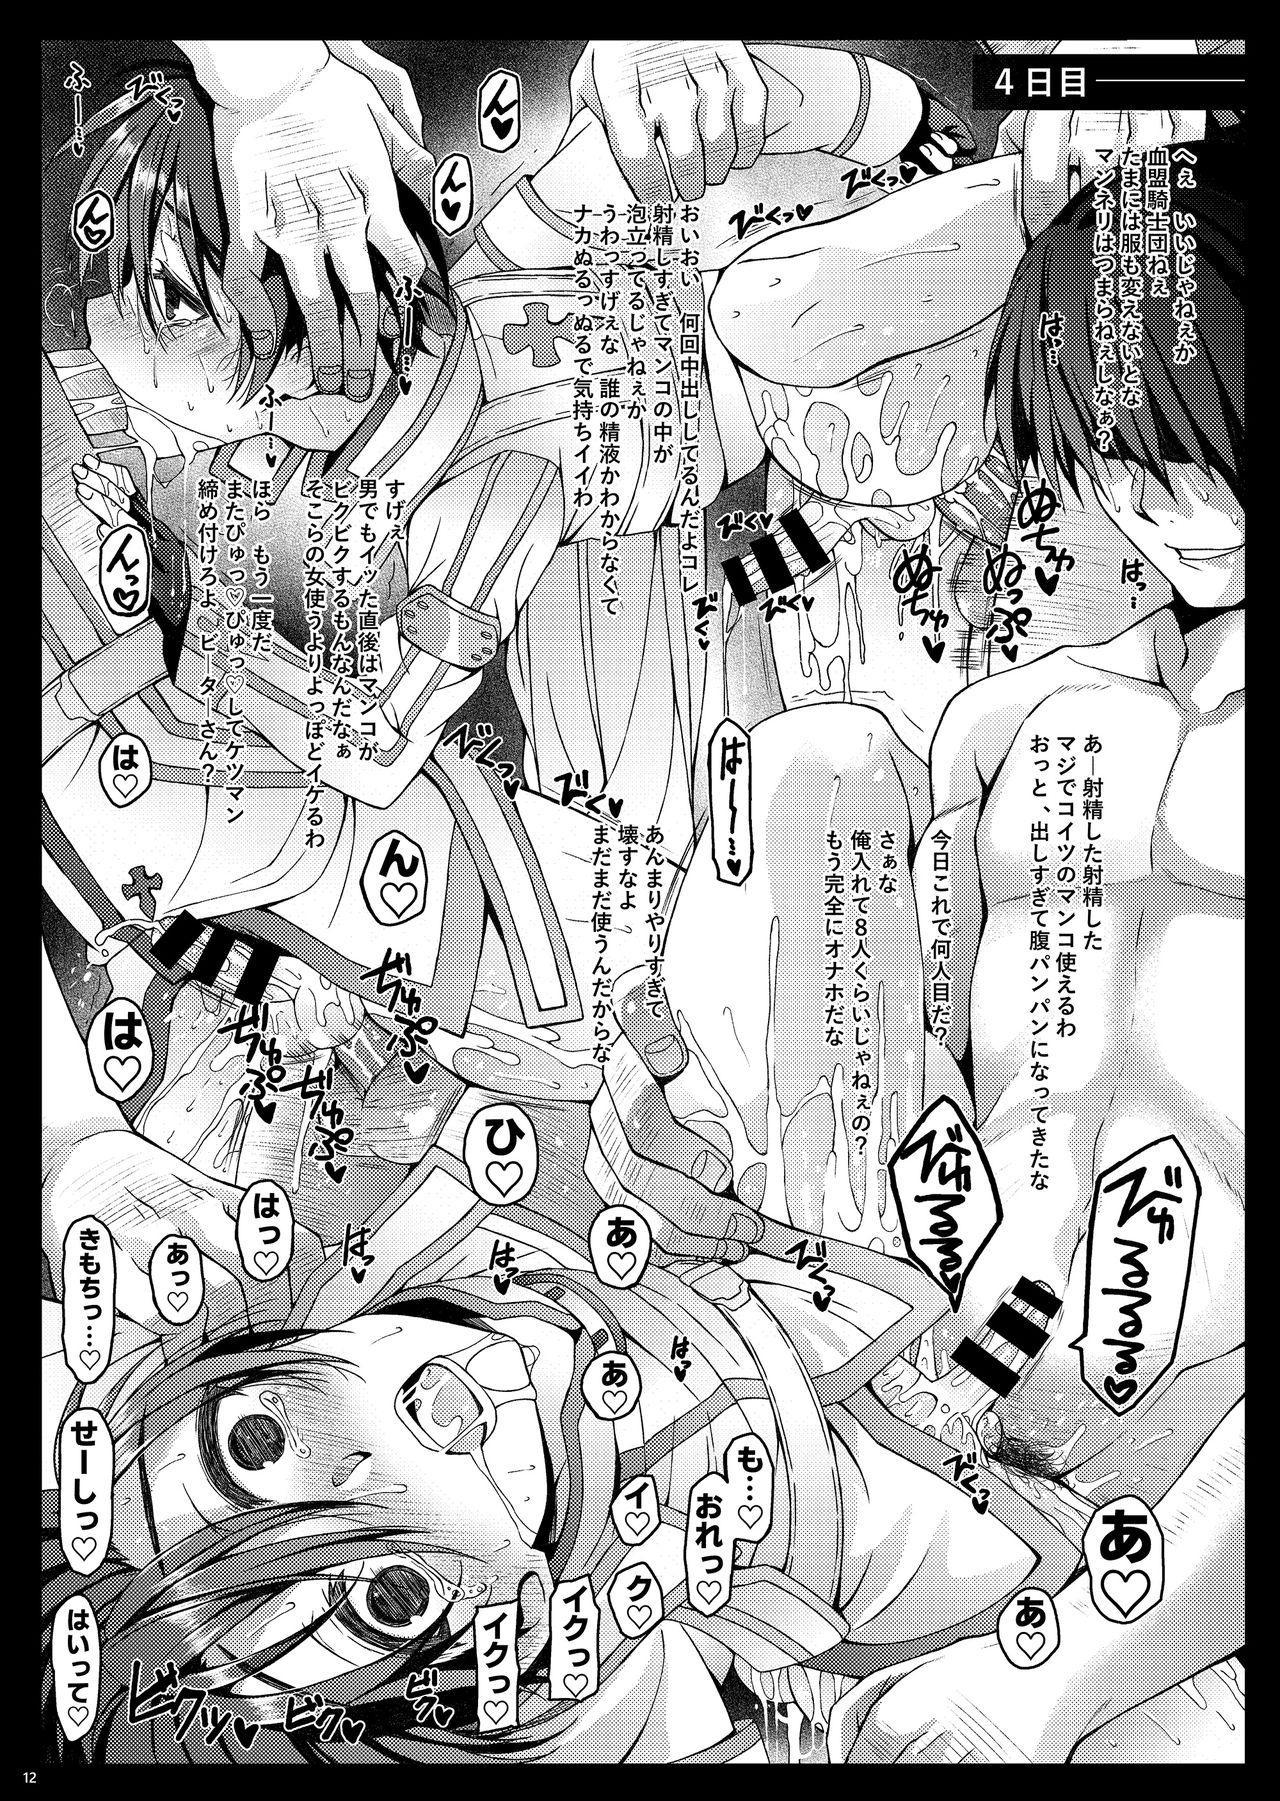 Kuro no Kenshi Ryoujoku 11